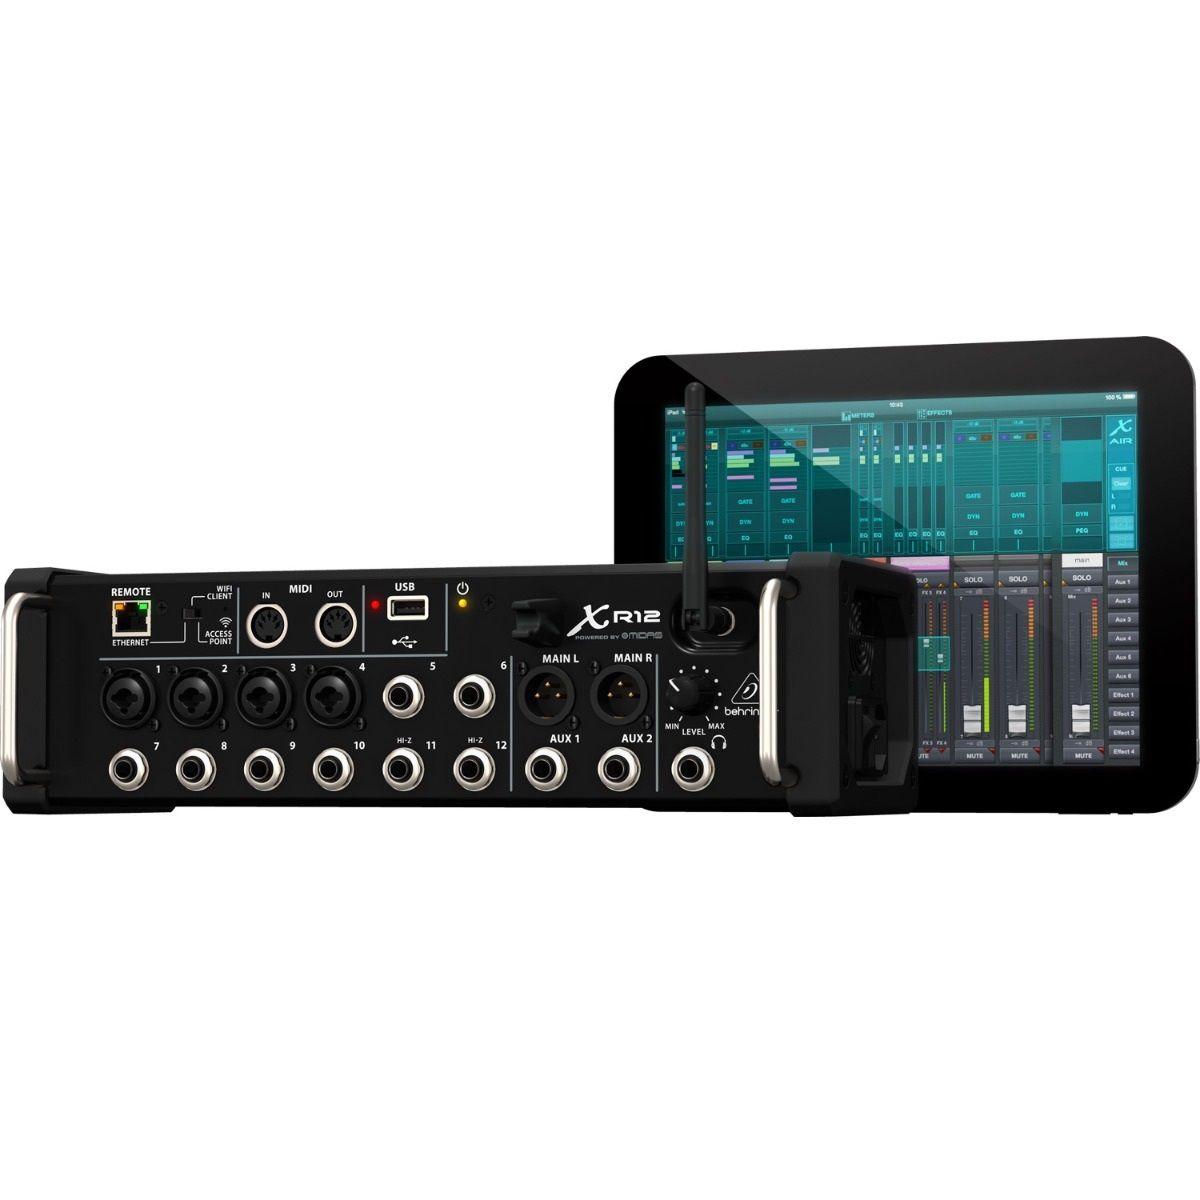 Mixer Digital Behringer Xr12